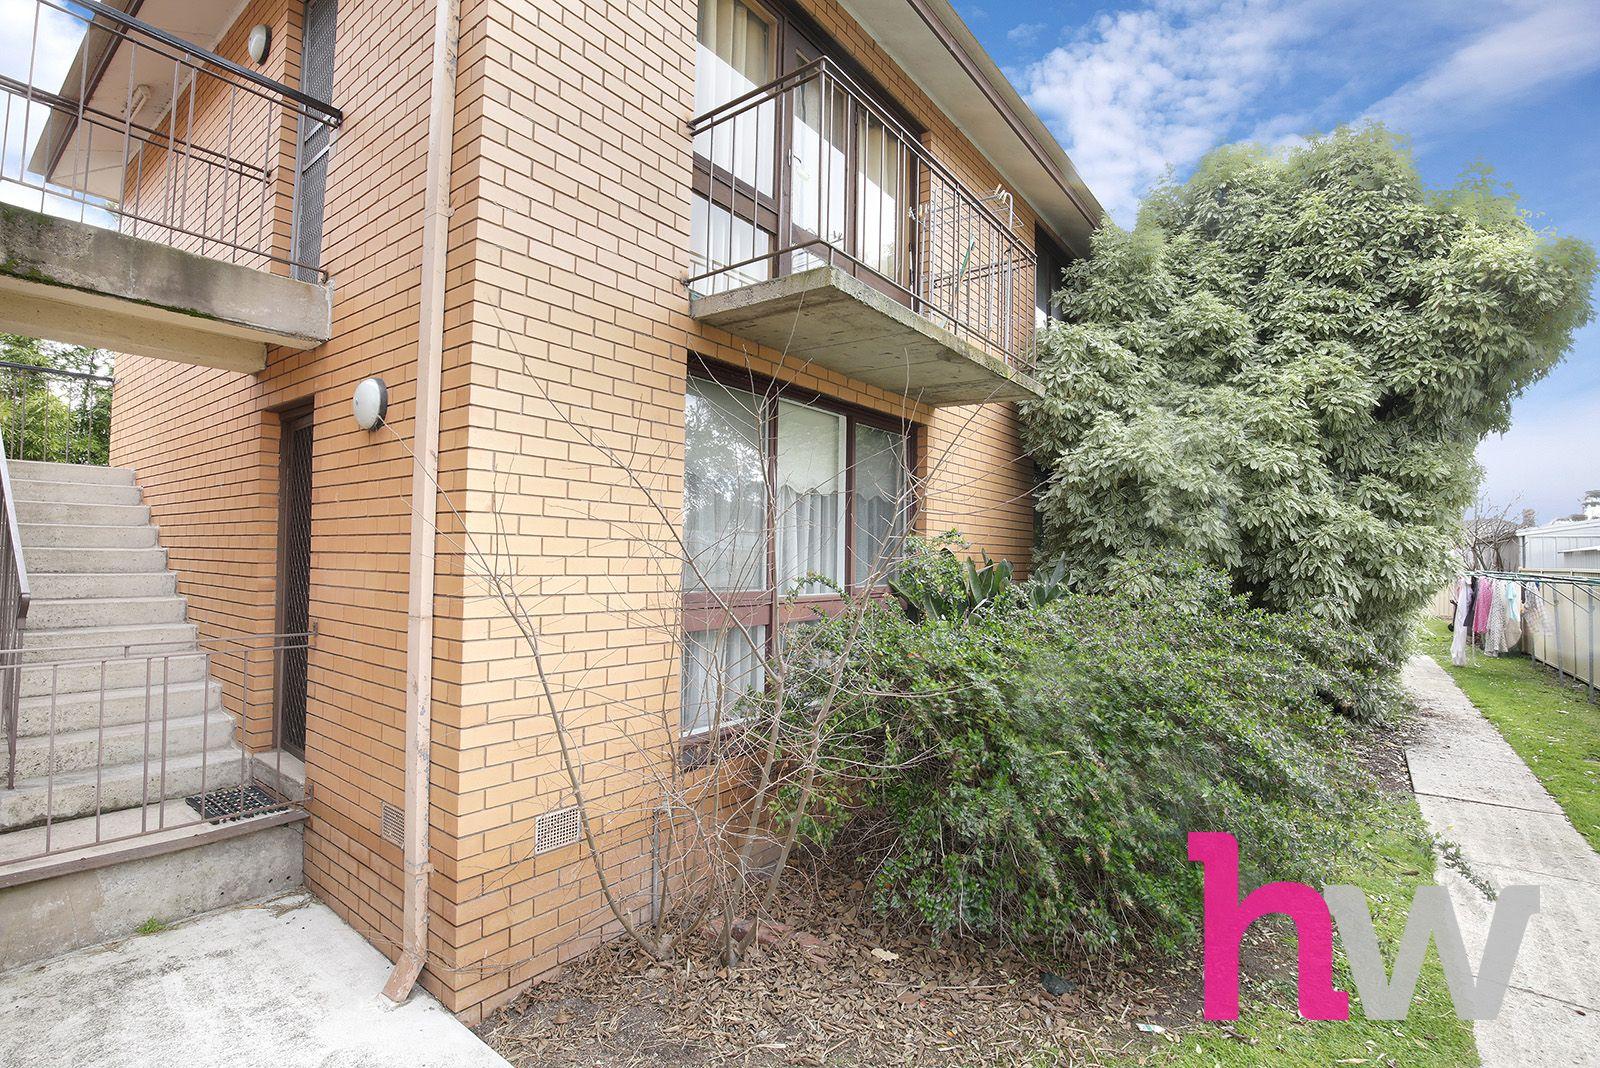 2/155 Verner Street, Geelong VIC 3220, Image 1